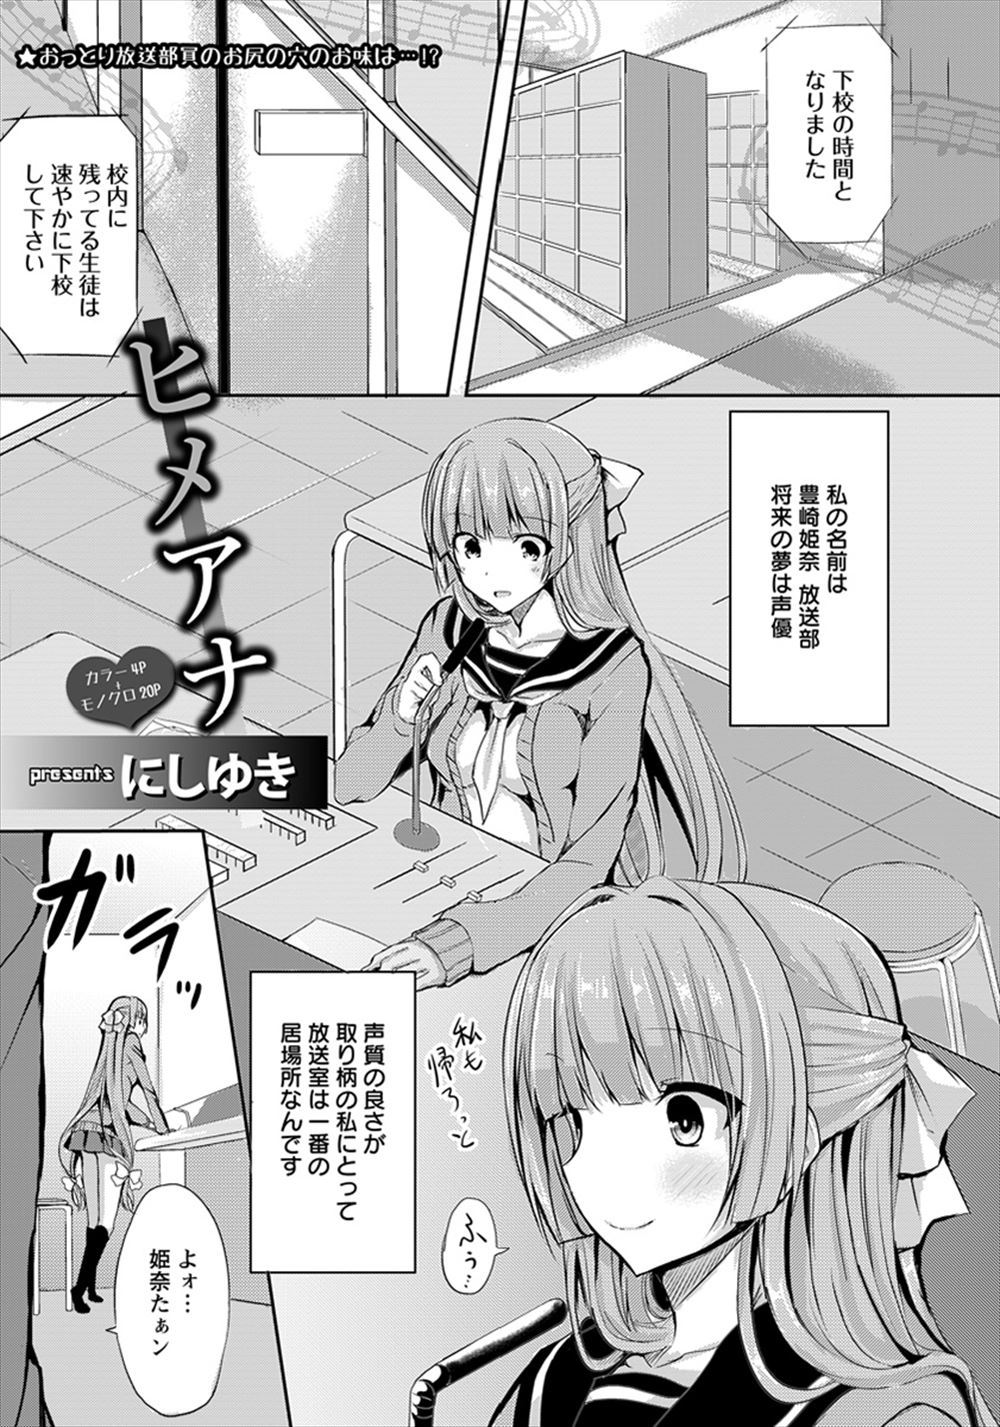 [にしゆき] ヒメアナ (5)